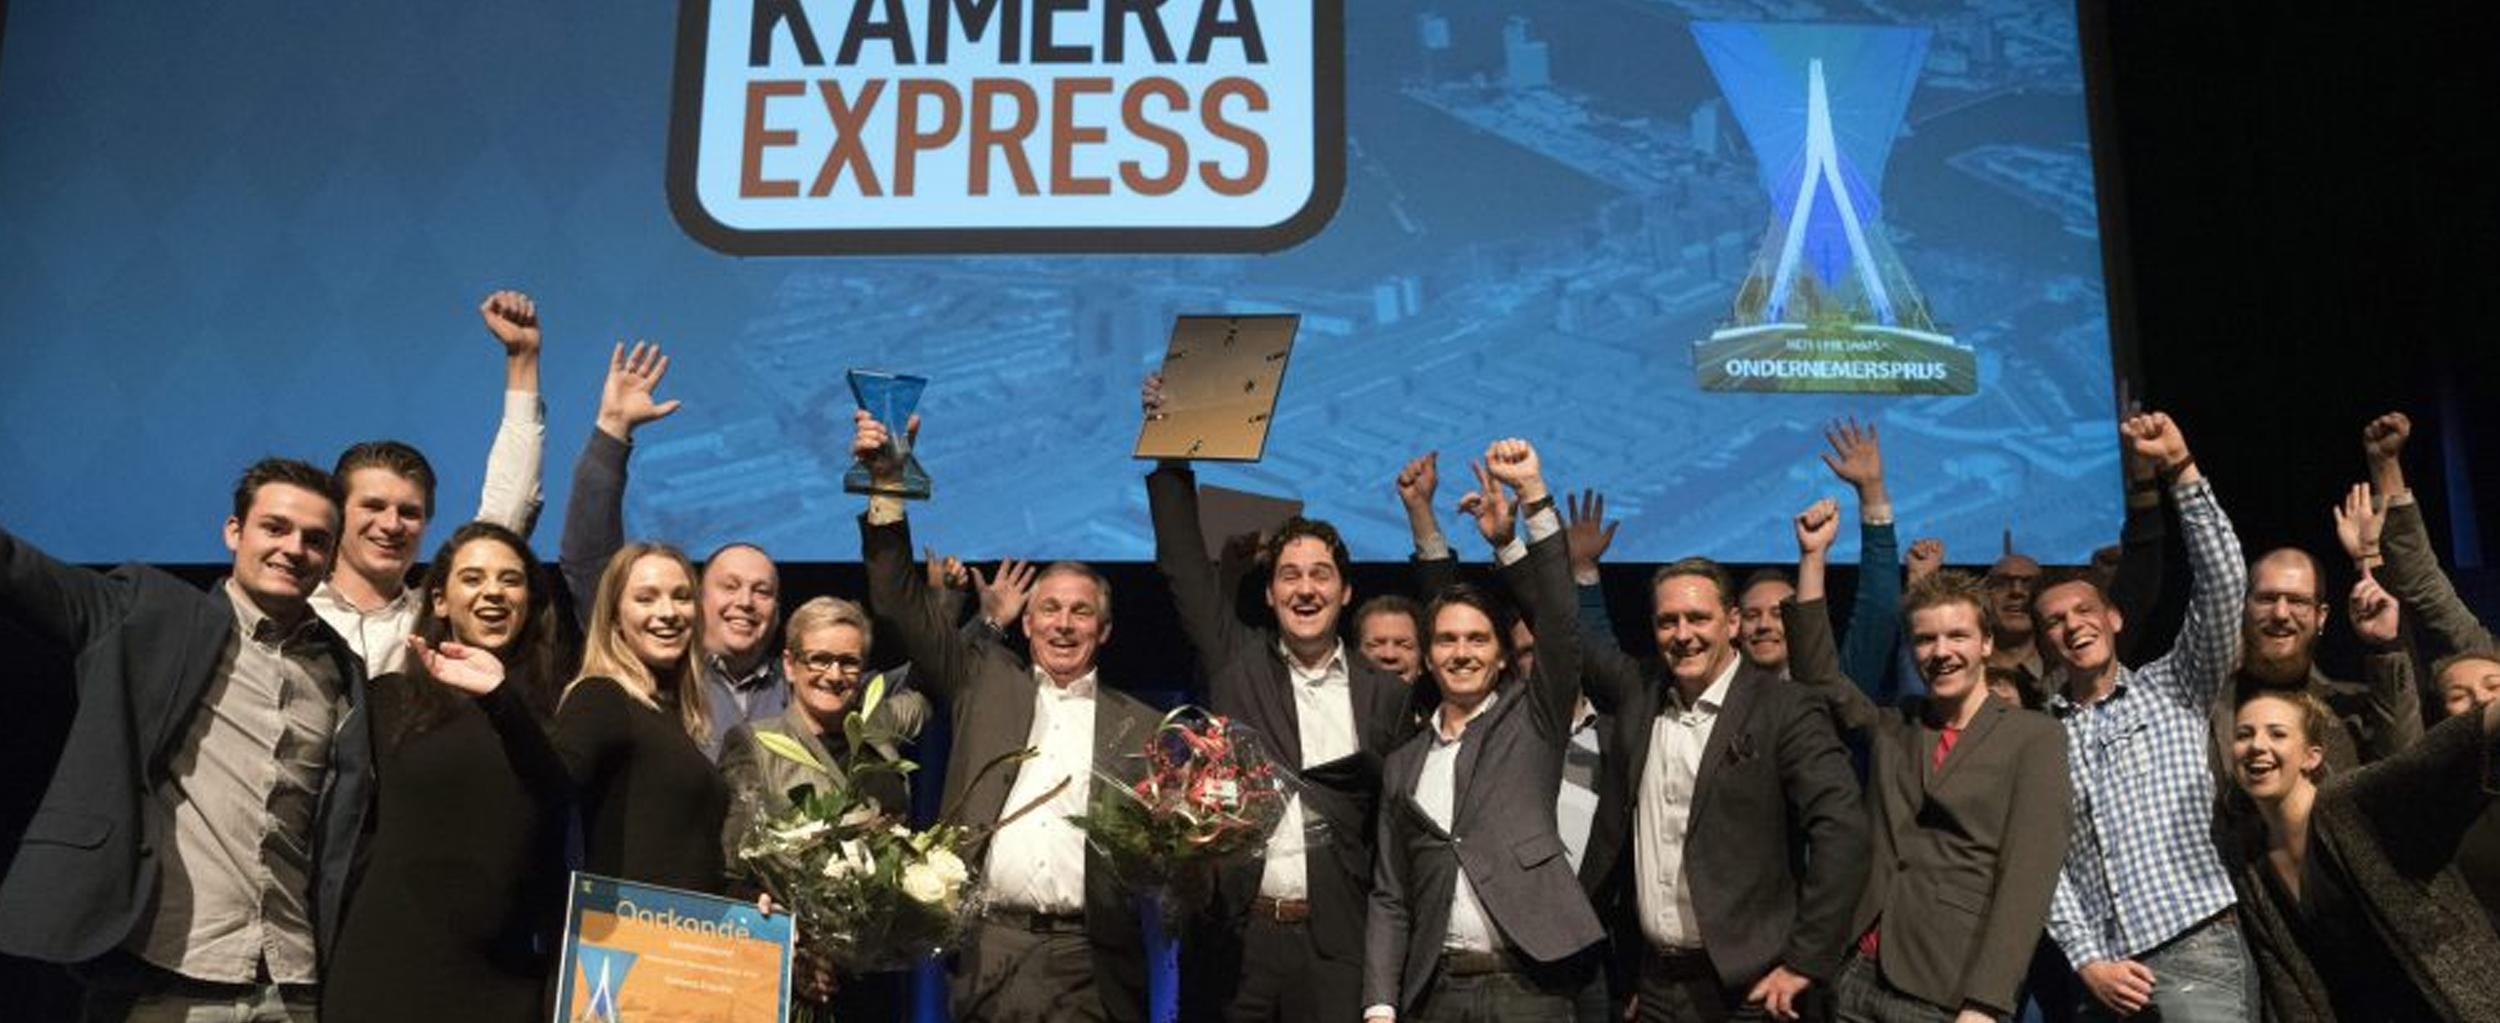 Rotterdamse Ondernemersprijs 2018